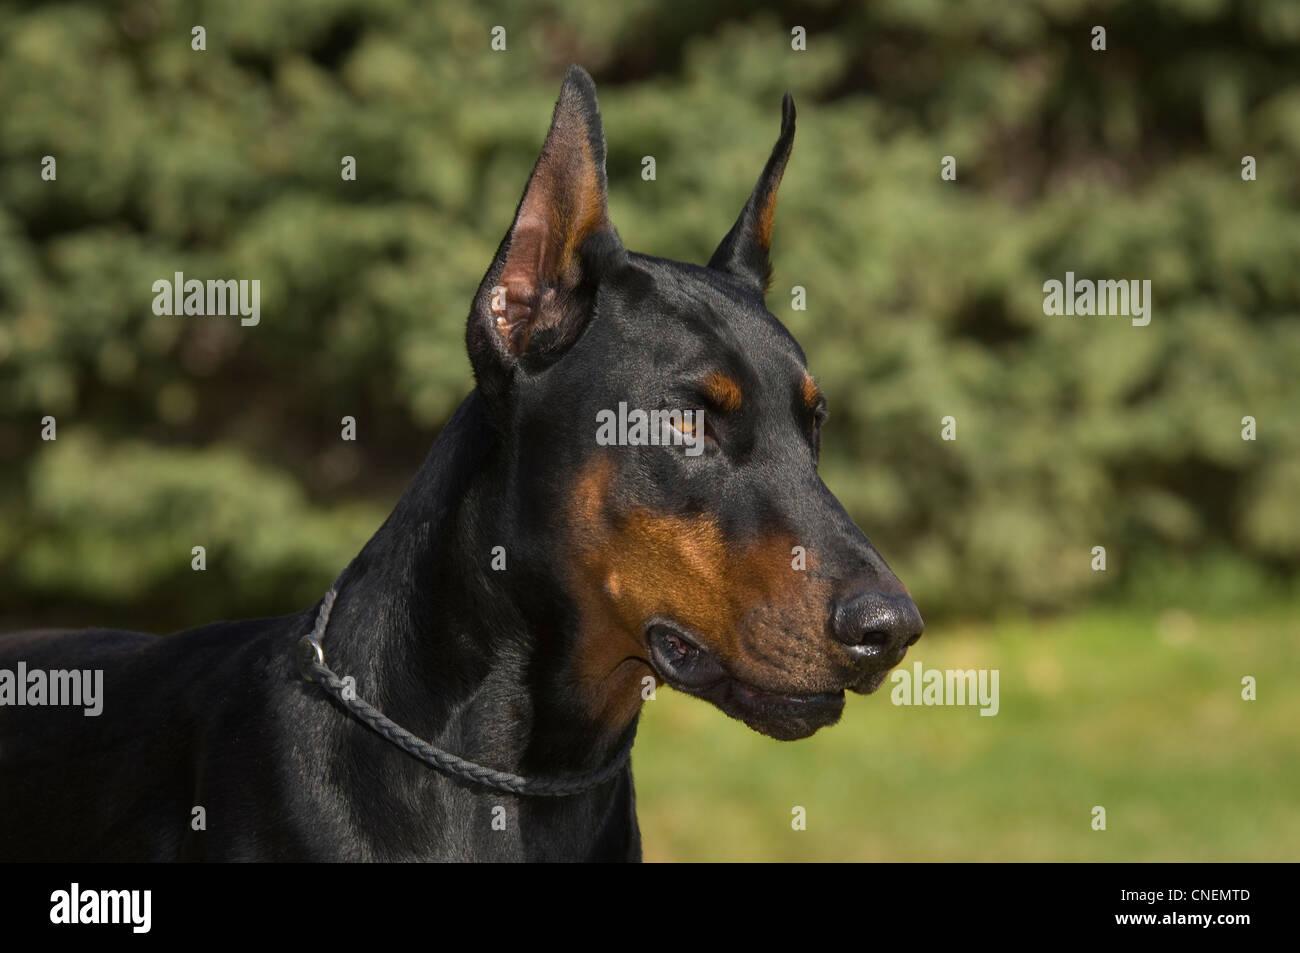 Doberman Pinscher-head shot - Stock Image